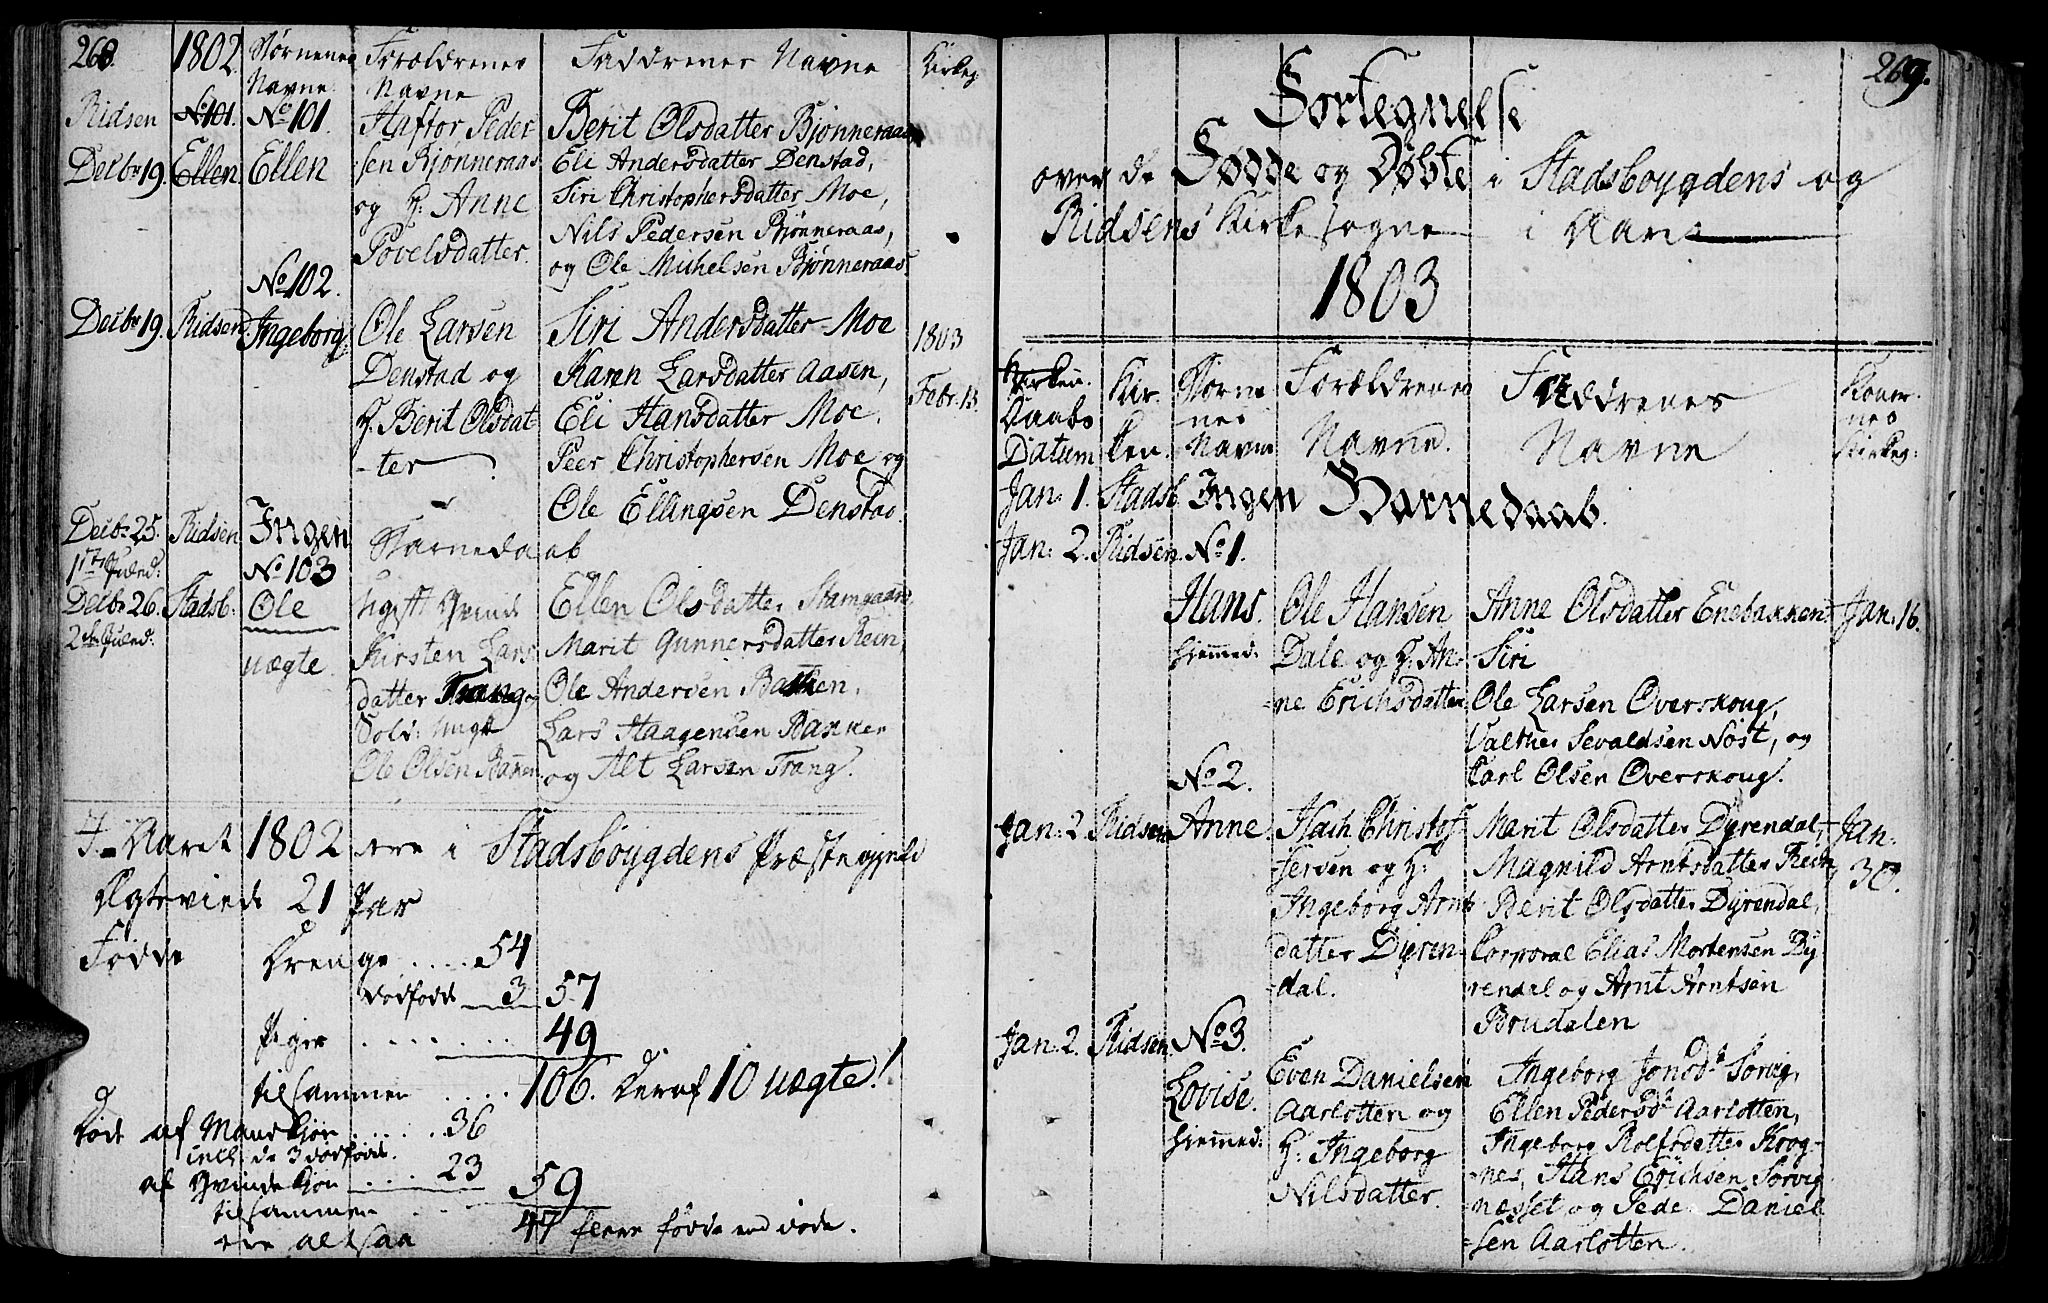 SAT, Ministerialprotokoller, klokkerbøker og fødselsregistre - Sør-Trøndelag, 646/L0606: Ministerialbok nr. 646A04, 1791-1805, s. 268-269